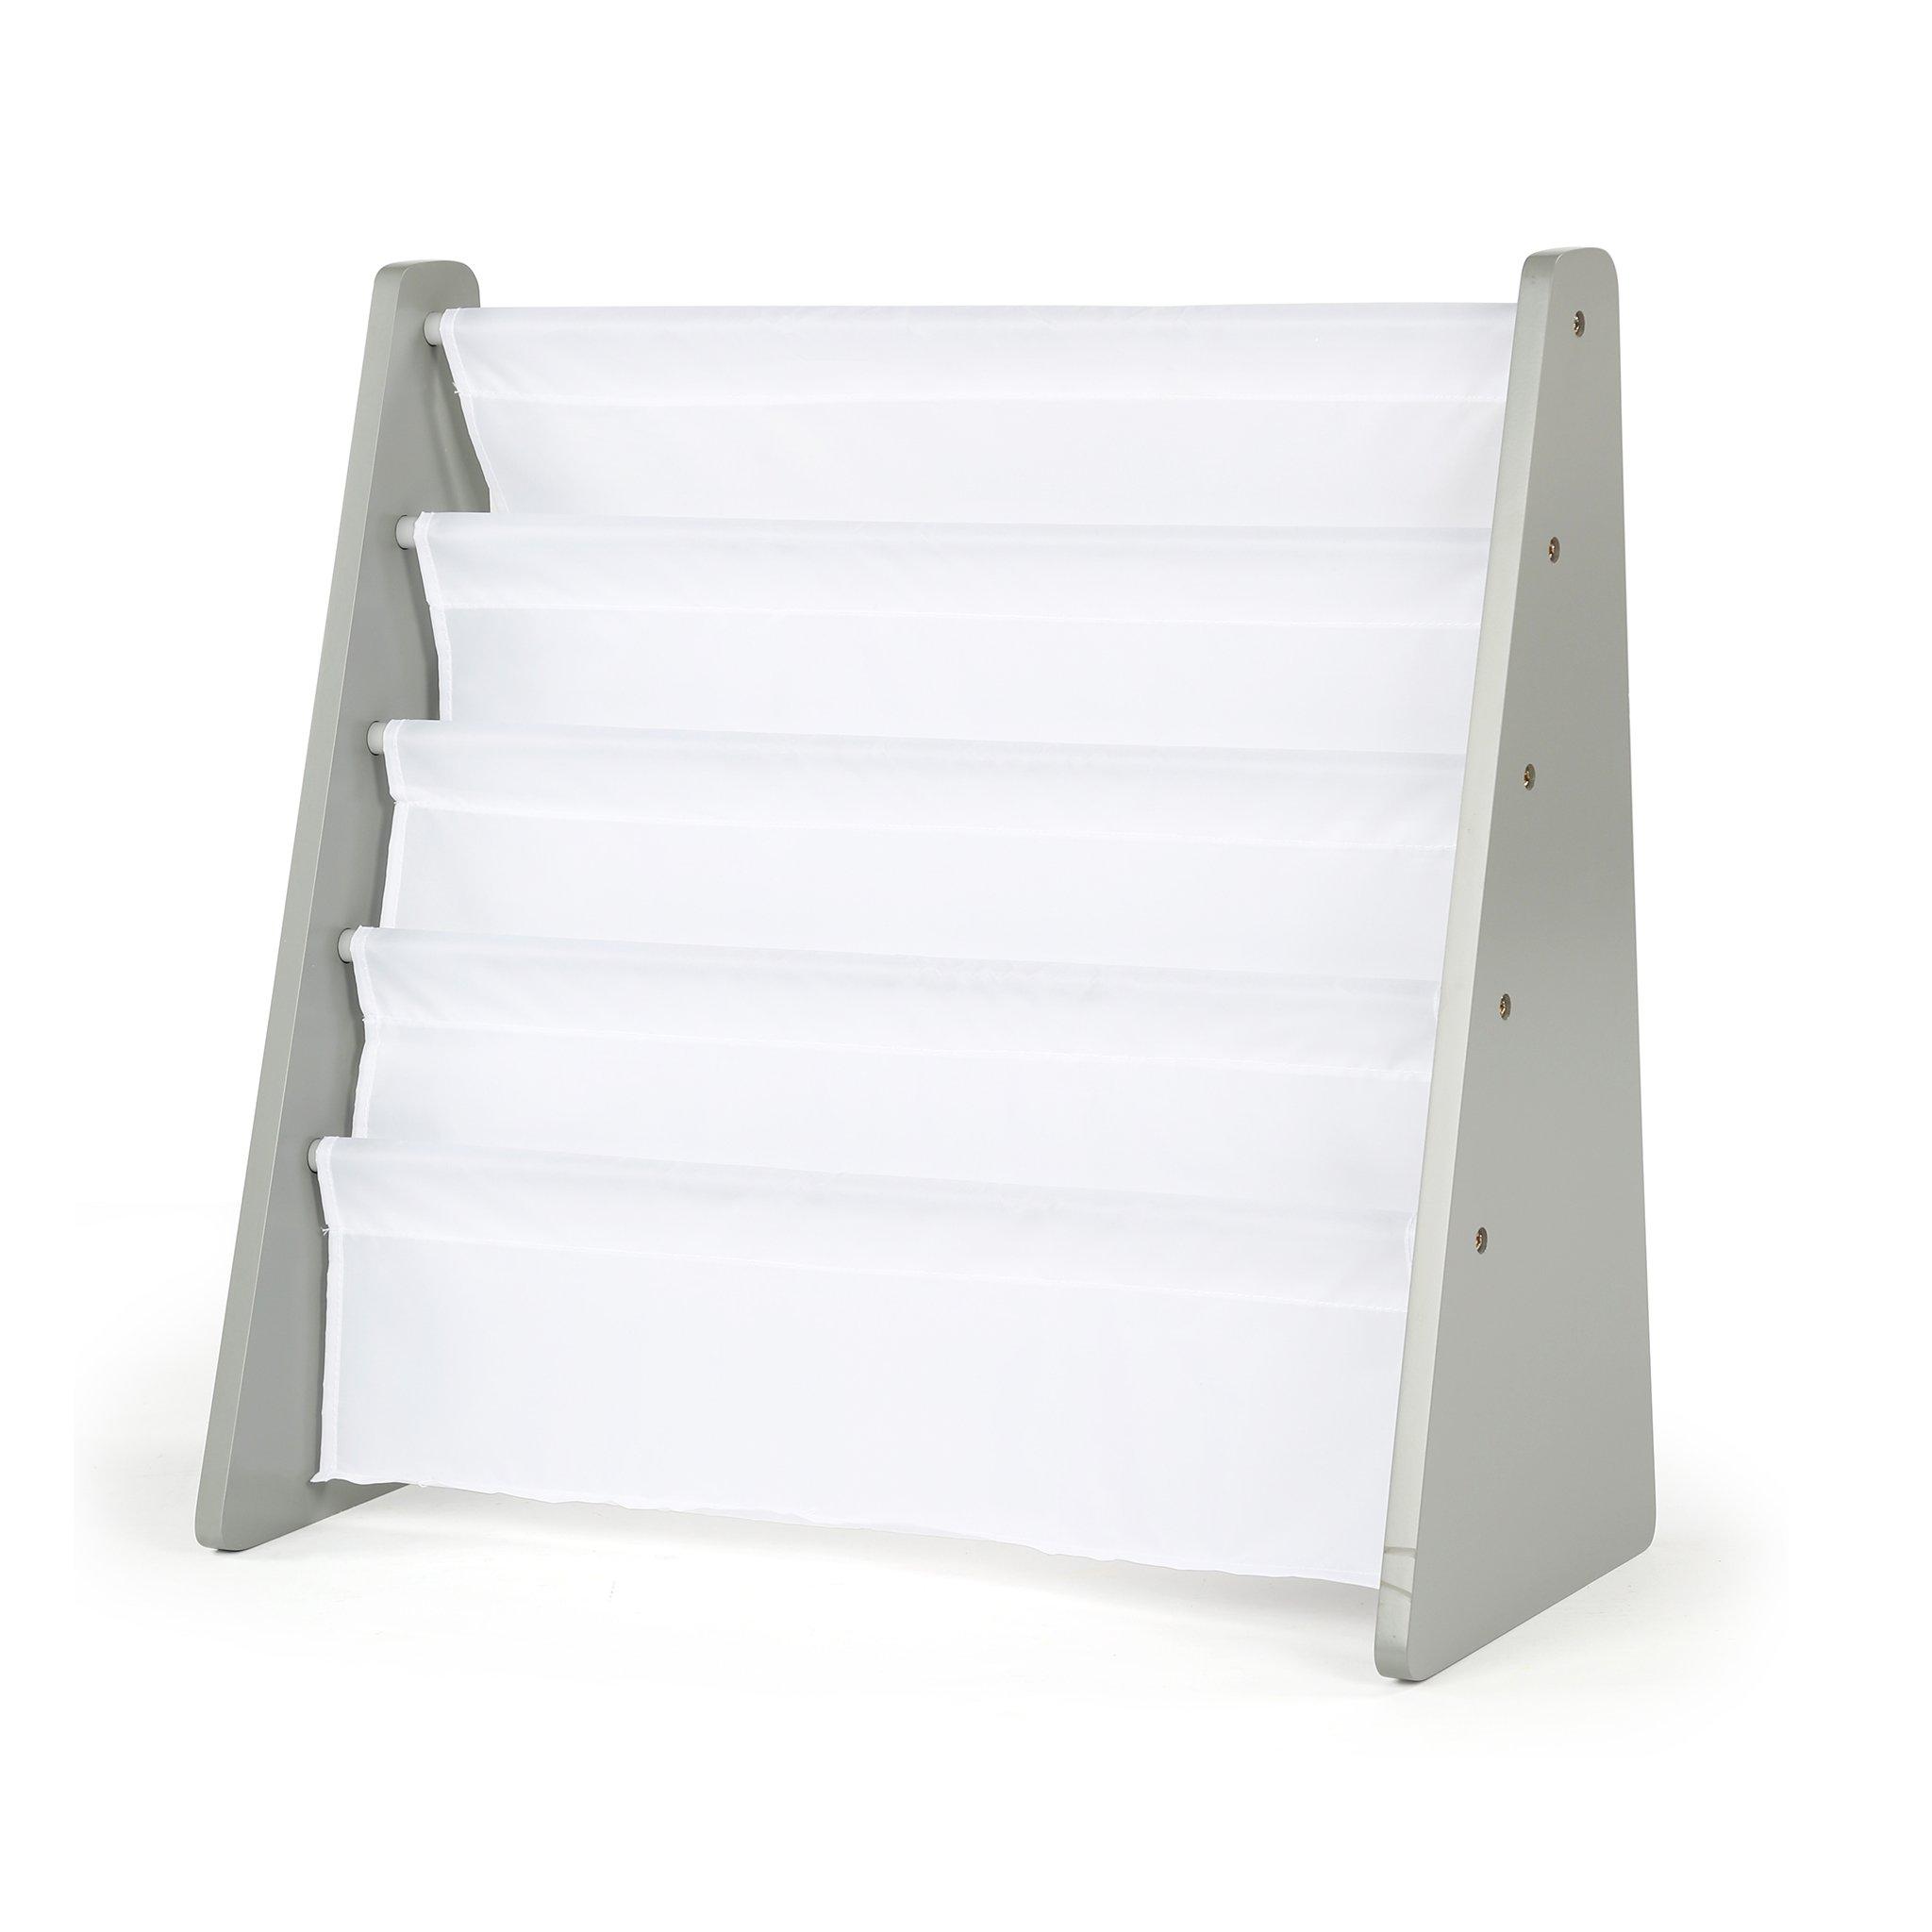 Tot Tutors WO671 Book Rack, Grey/White by Tot Tutors